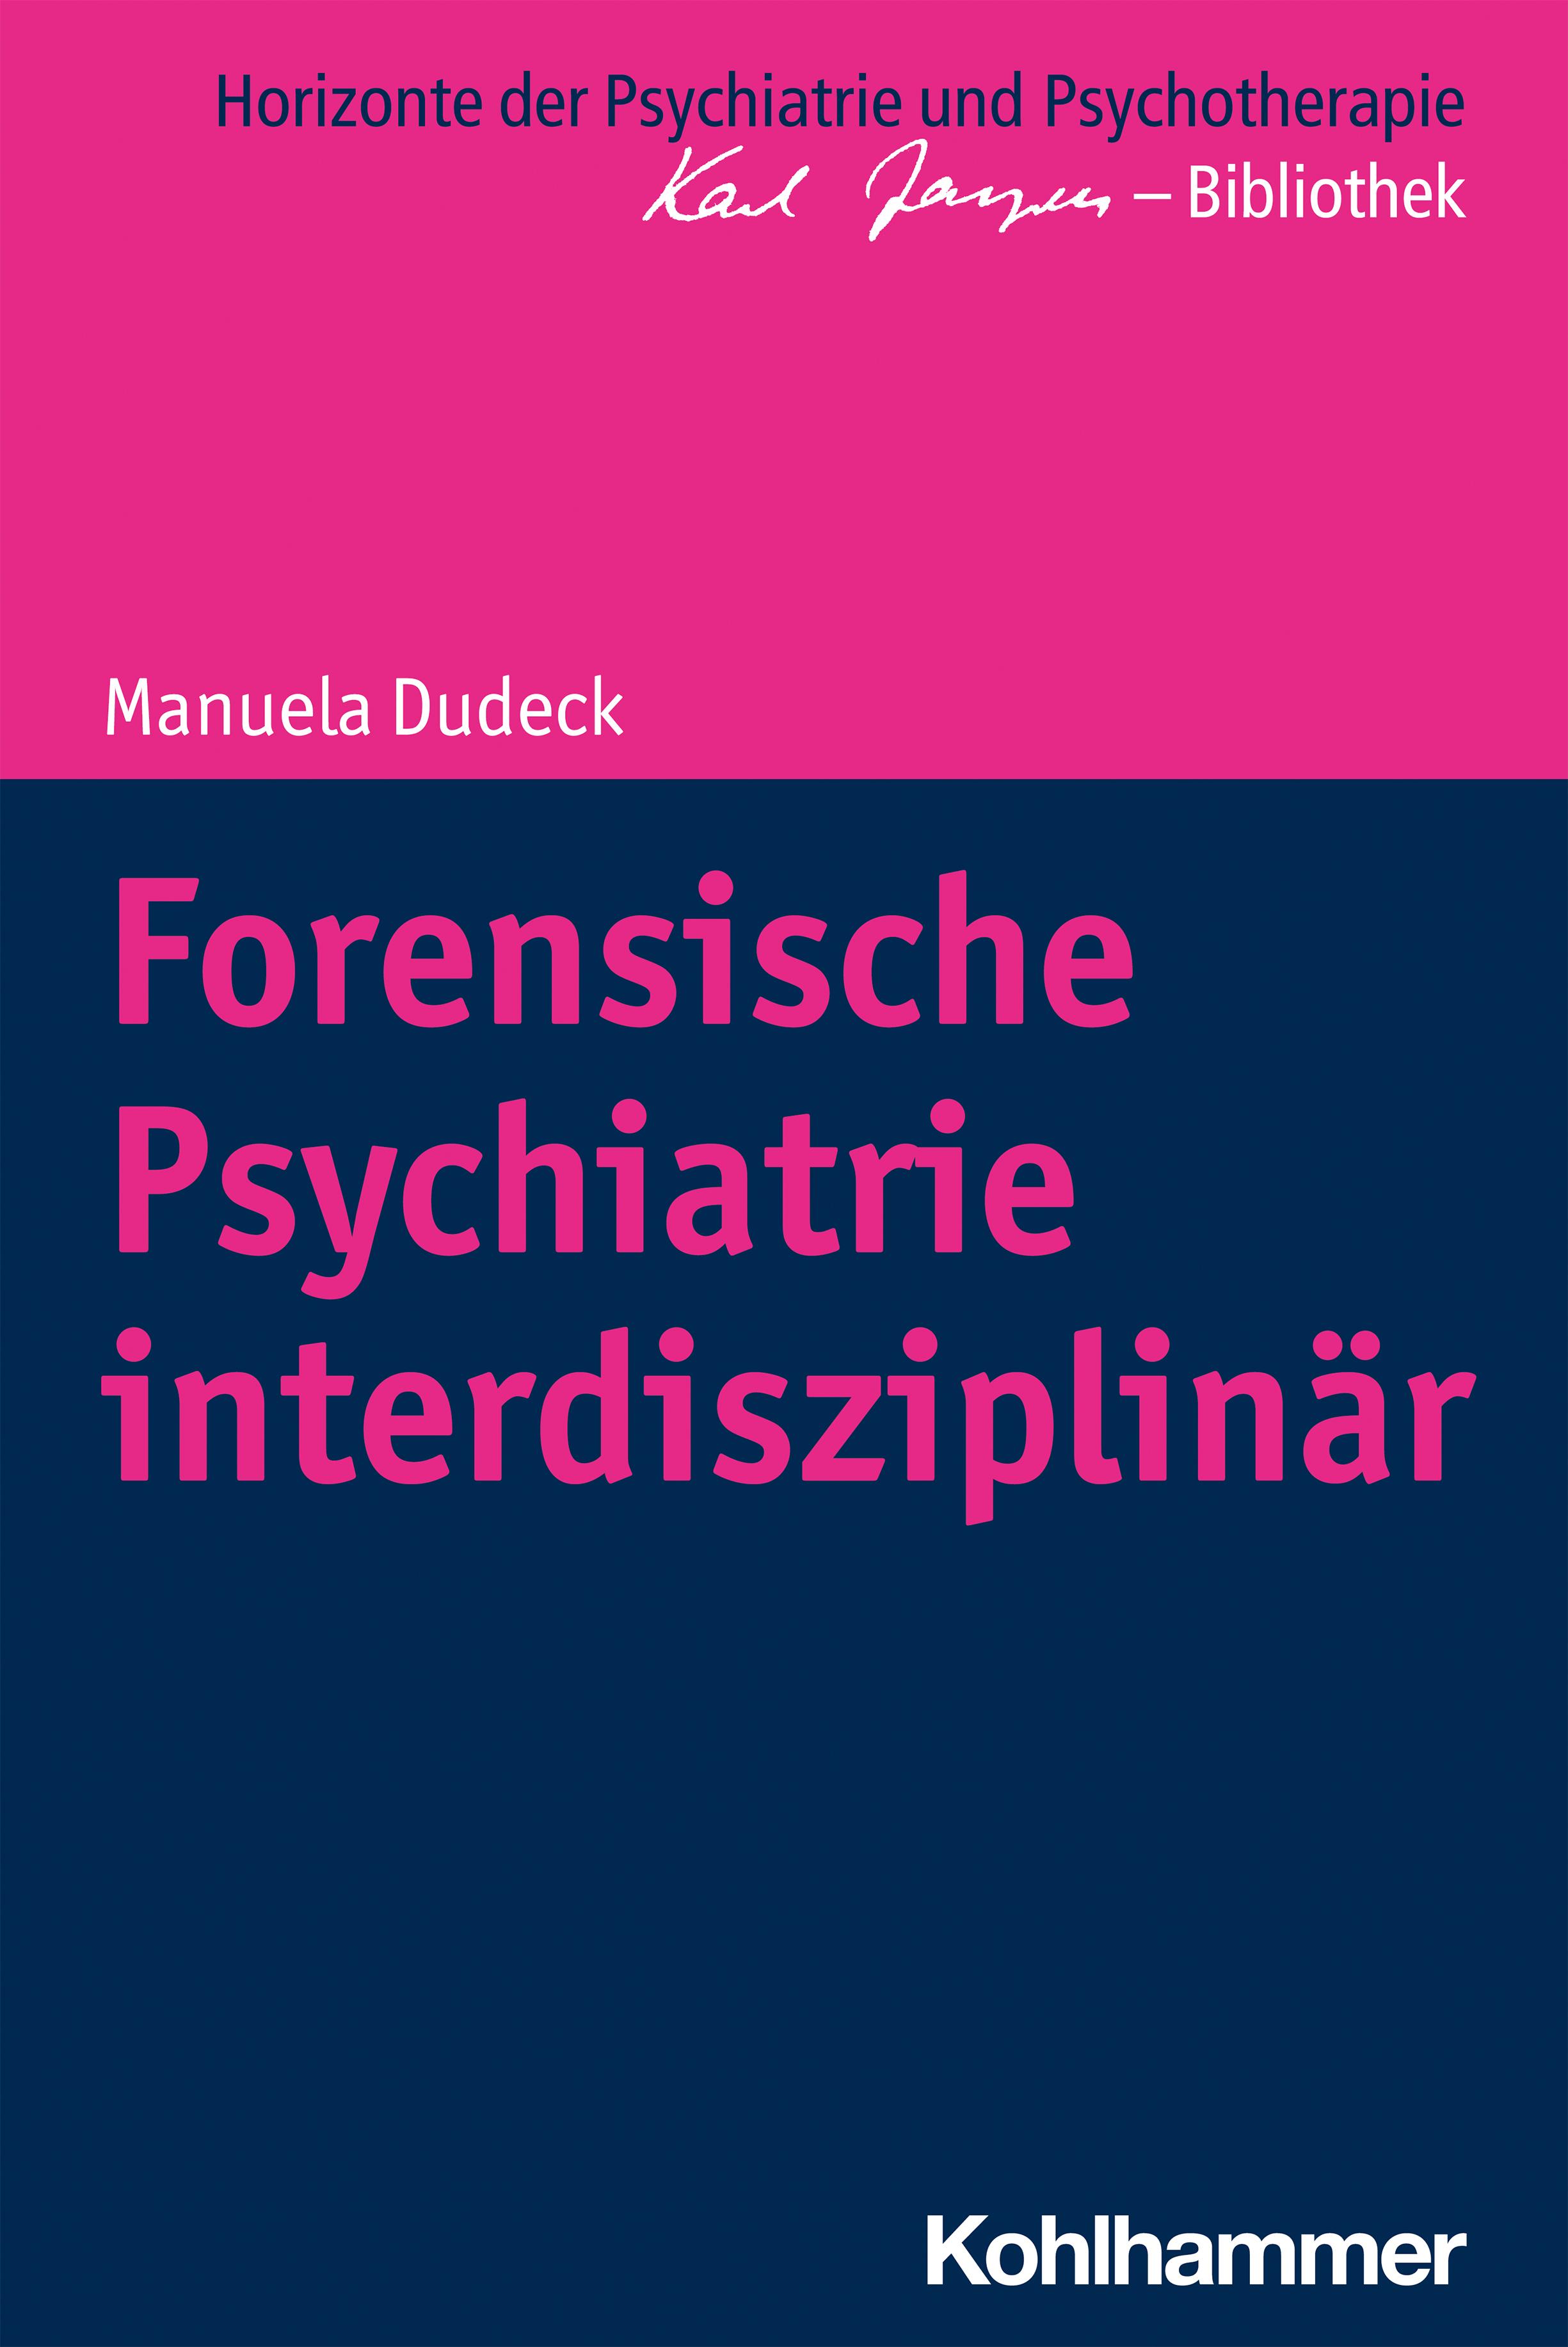 Forensische Psychiatrie interdisziplinär